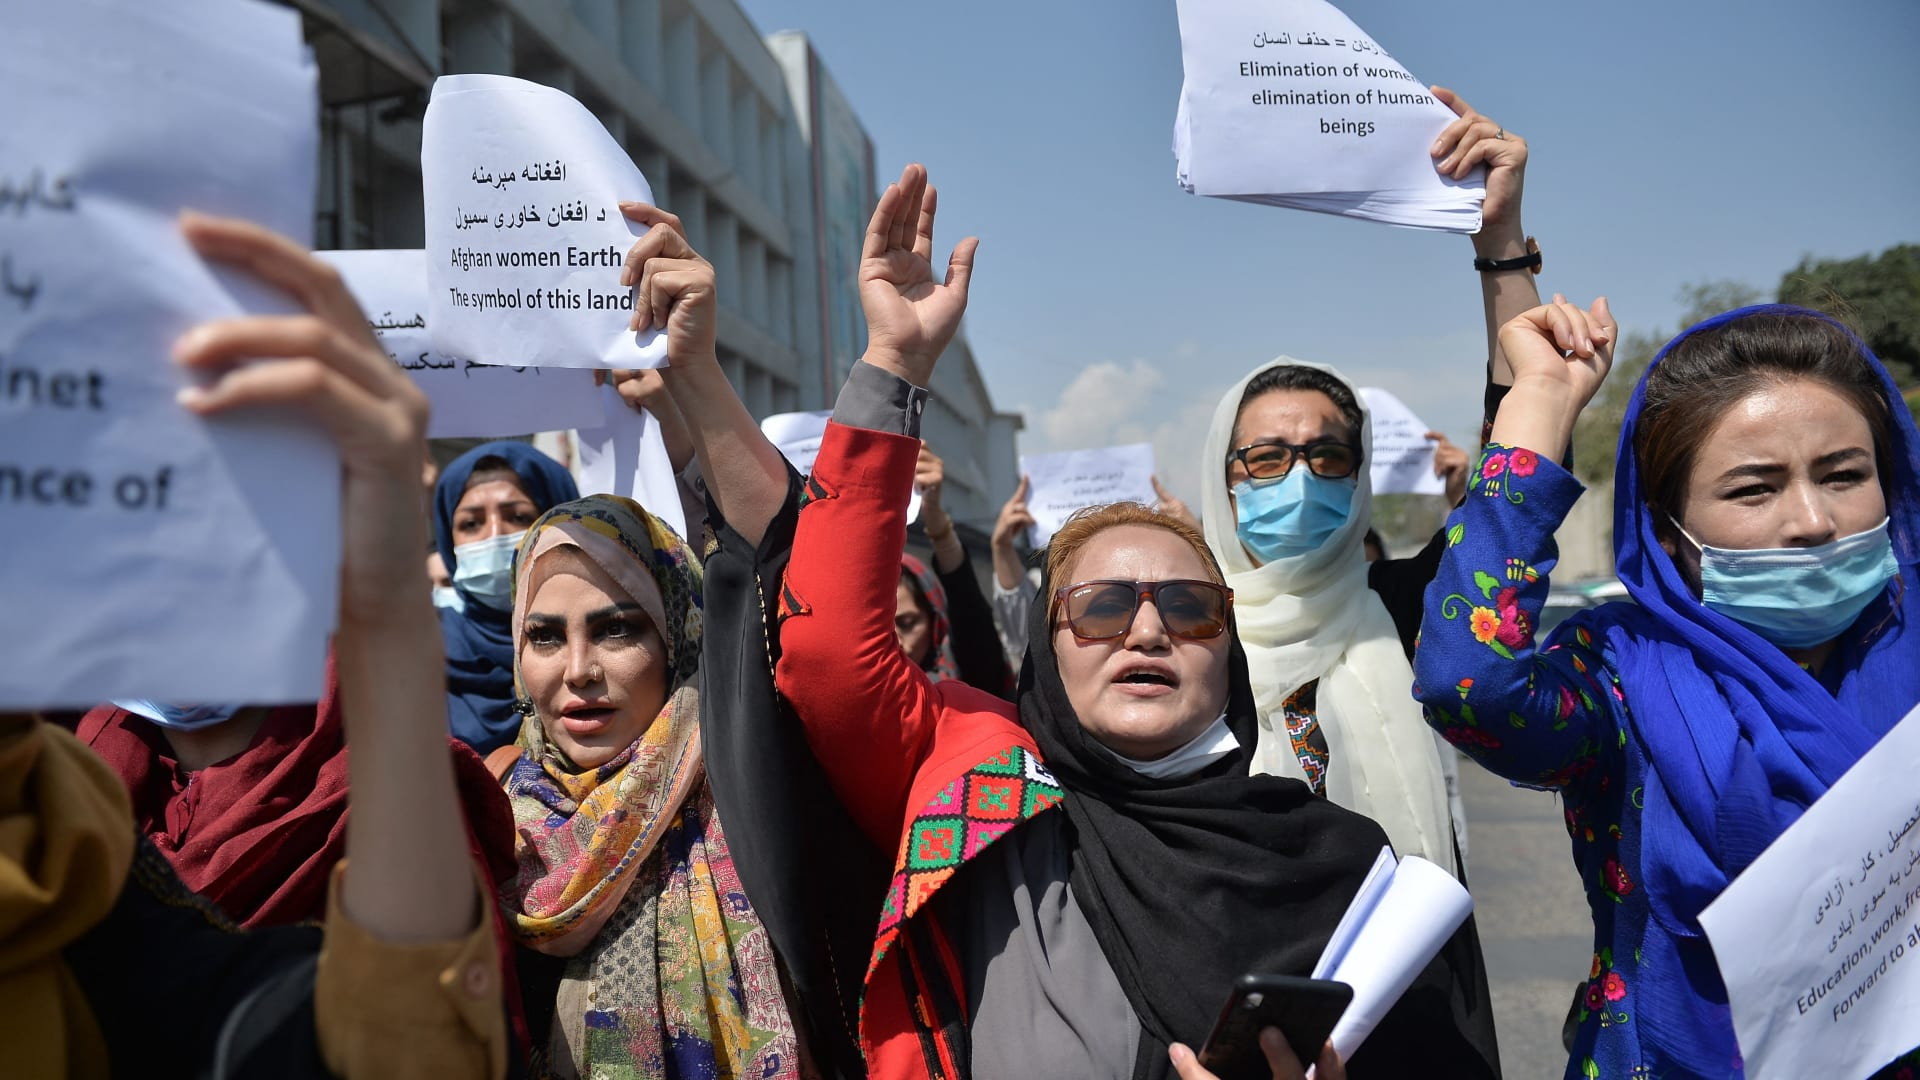 شجاعة نساء أفغانيات ناضلن من أجل حقوق المرأة في ظل حكم طالبان